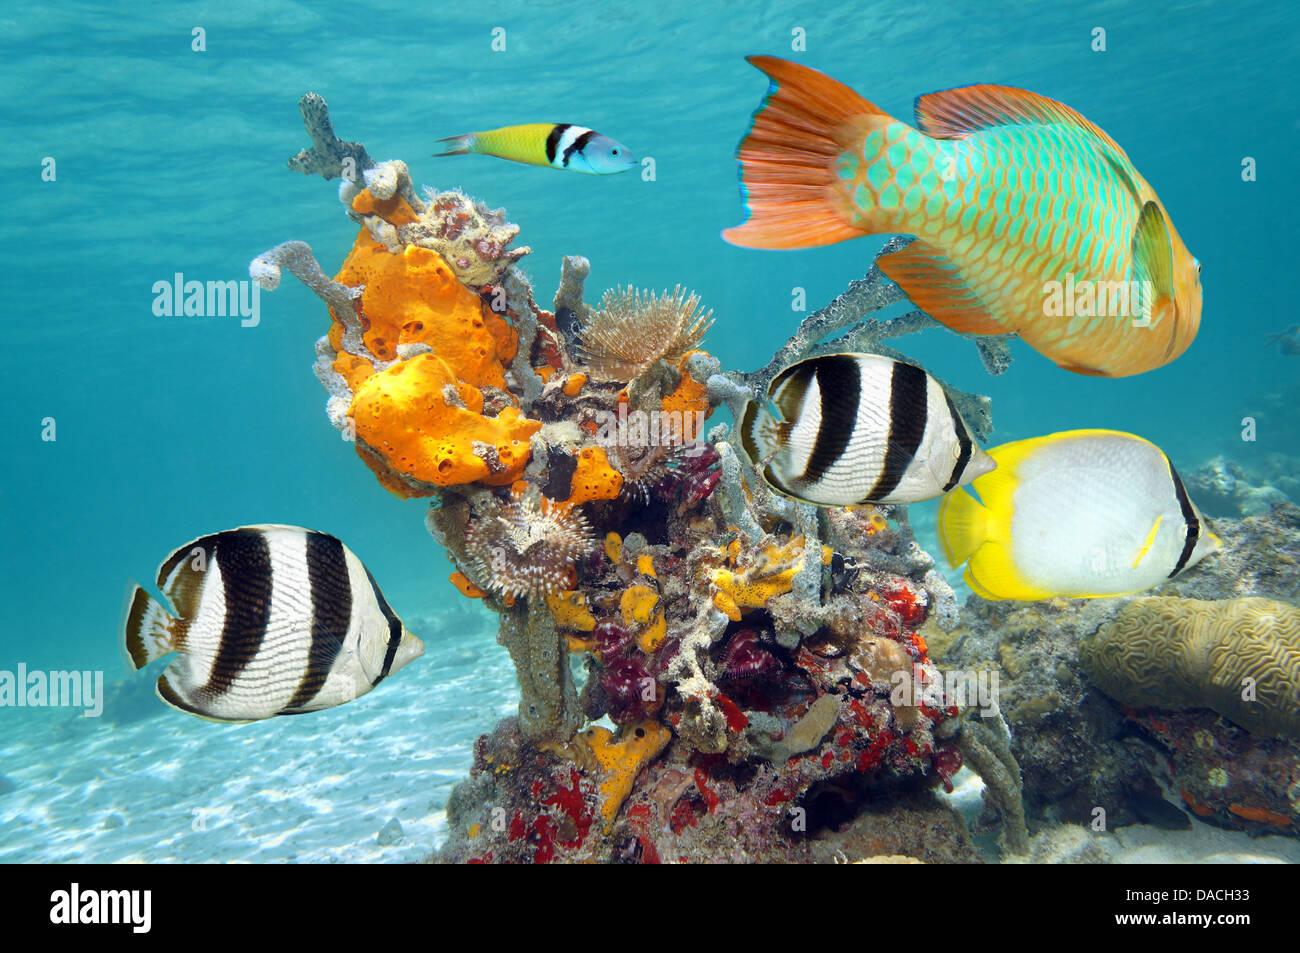 Colori vibranti di vita marina in una barriera corallina con pesci colorati, spugne e vermi tubo Immagini Stock